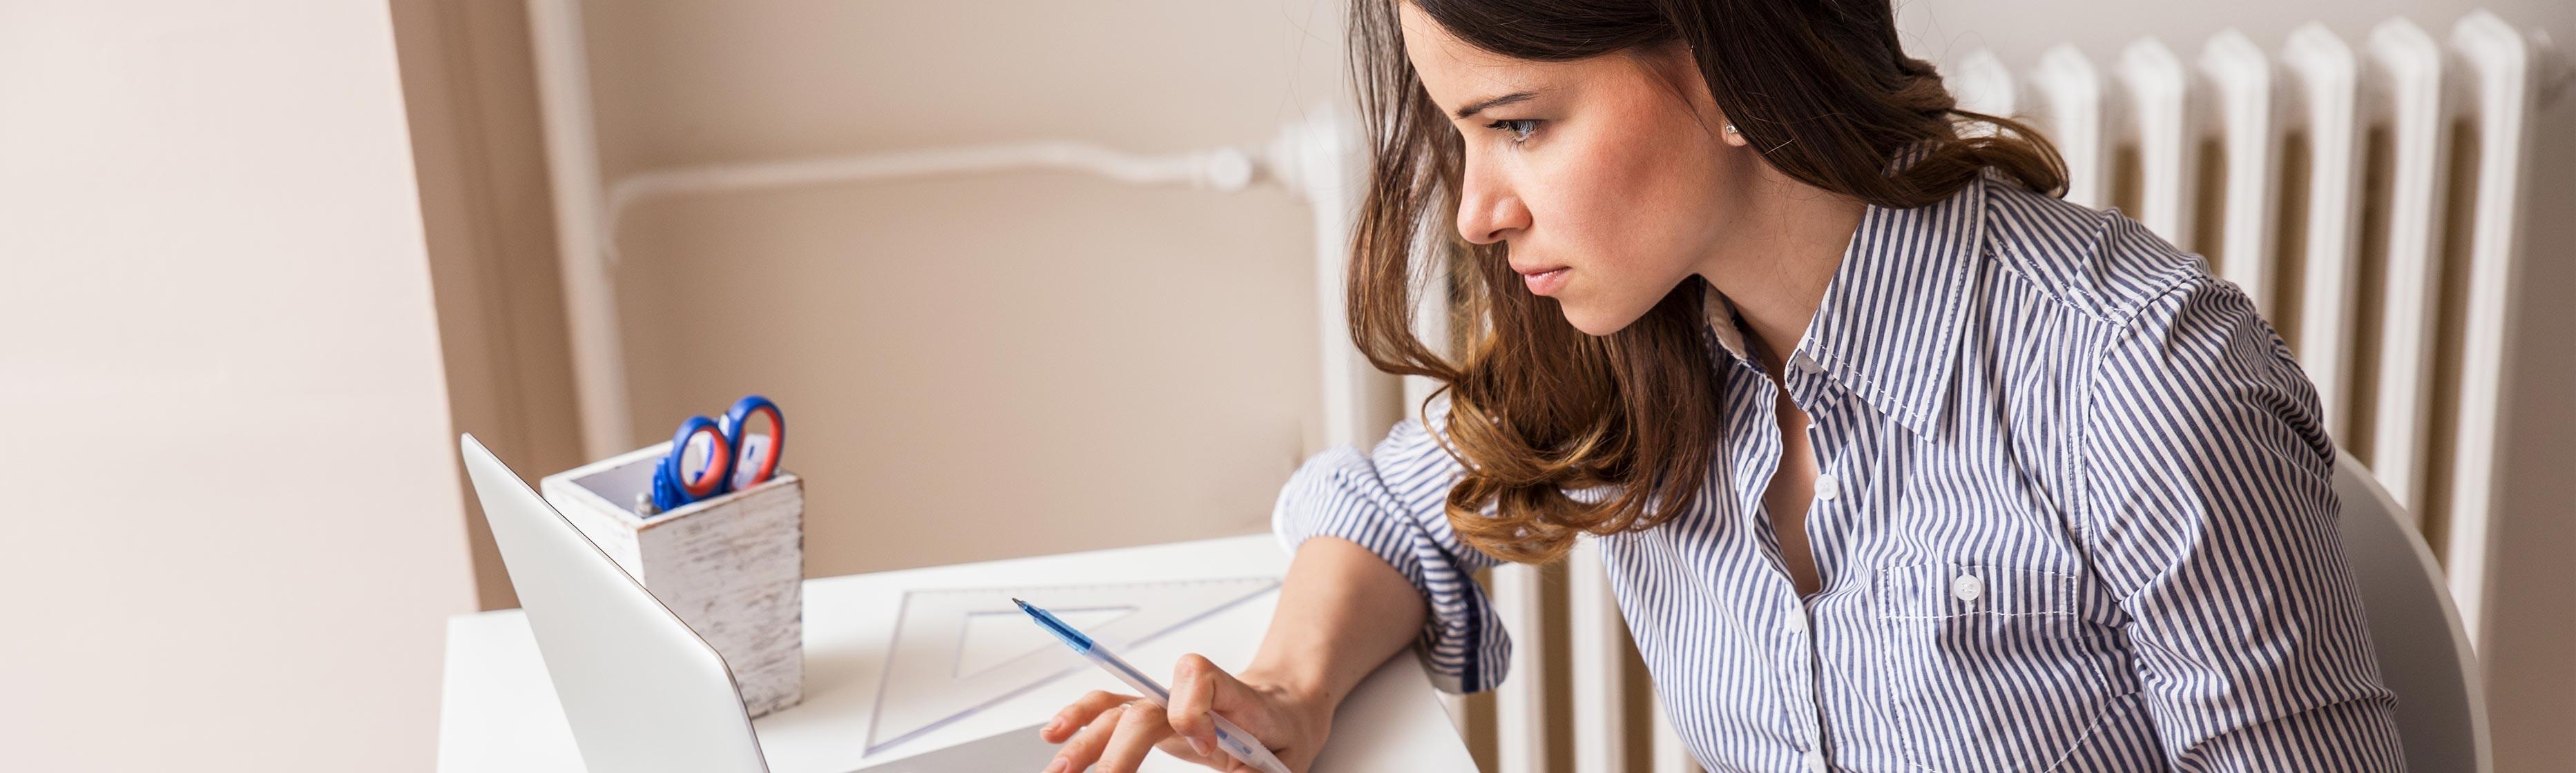 Vrouw achter laptop, die beleggingszaken regelt